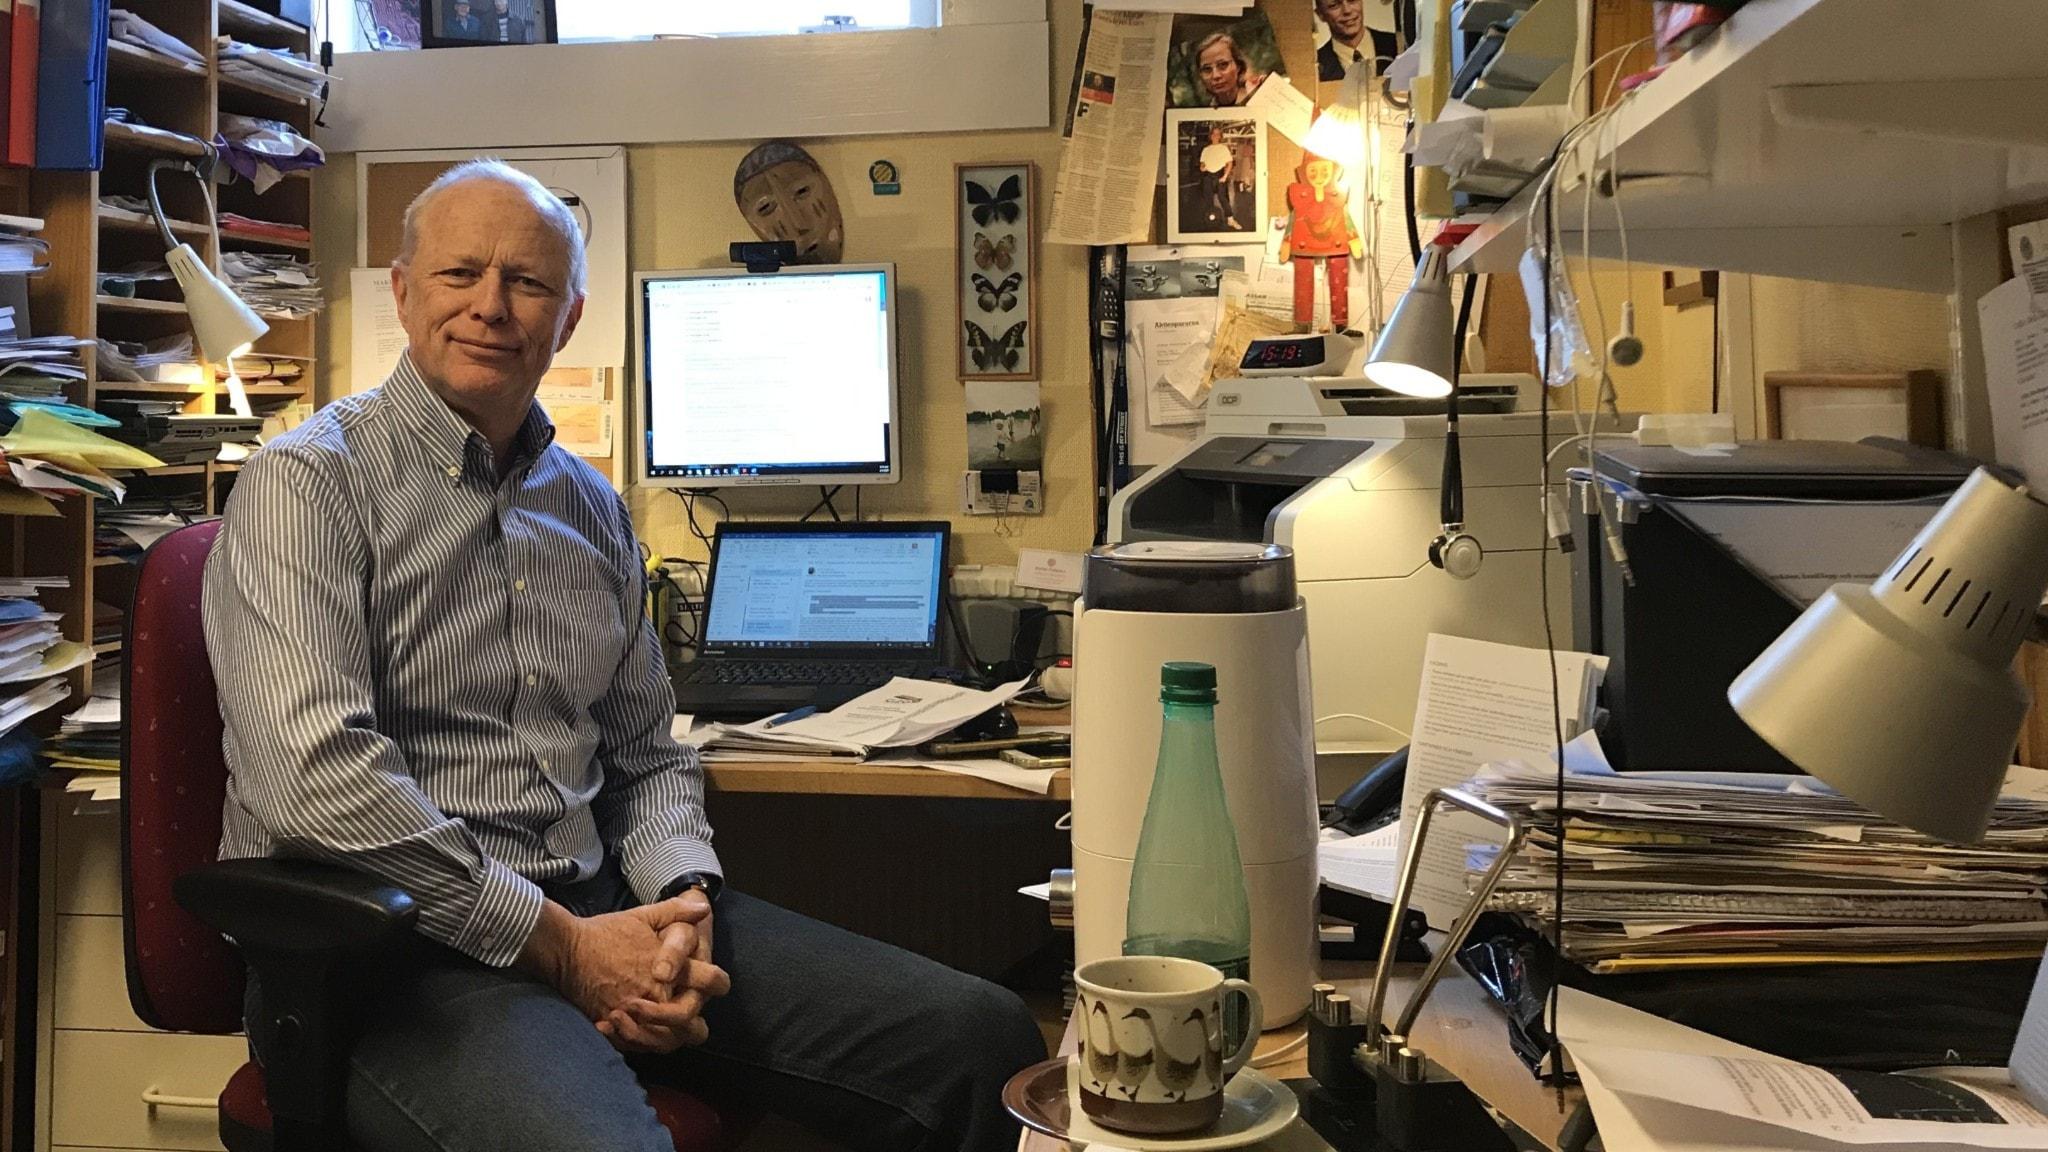 Stefan Swartling Peterson i ett litet smalt kontorsrum fullt med papper. Bakom honom ett källarfönster.